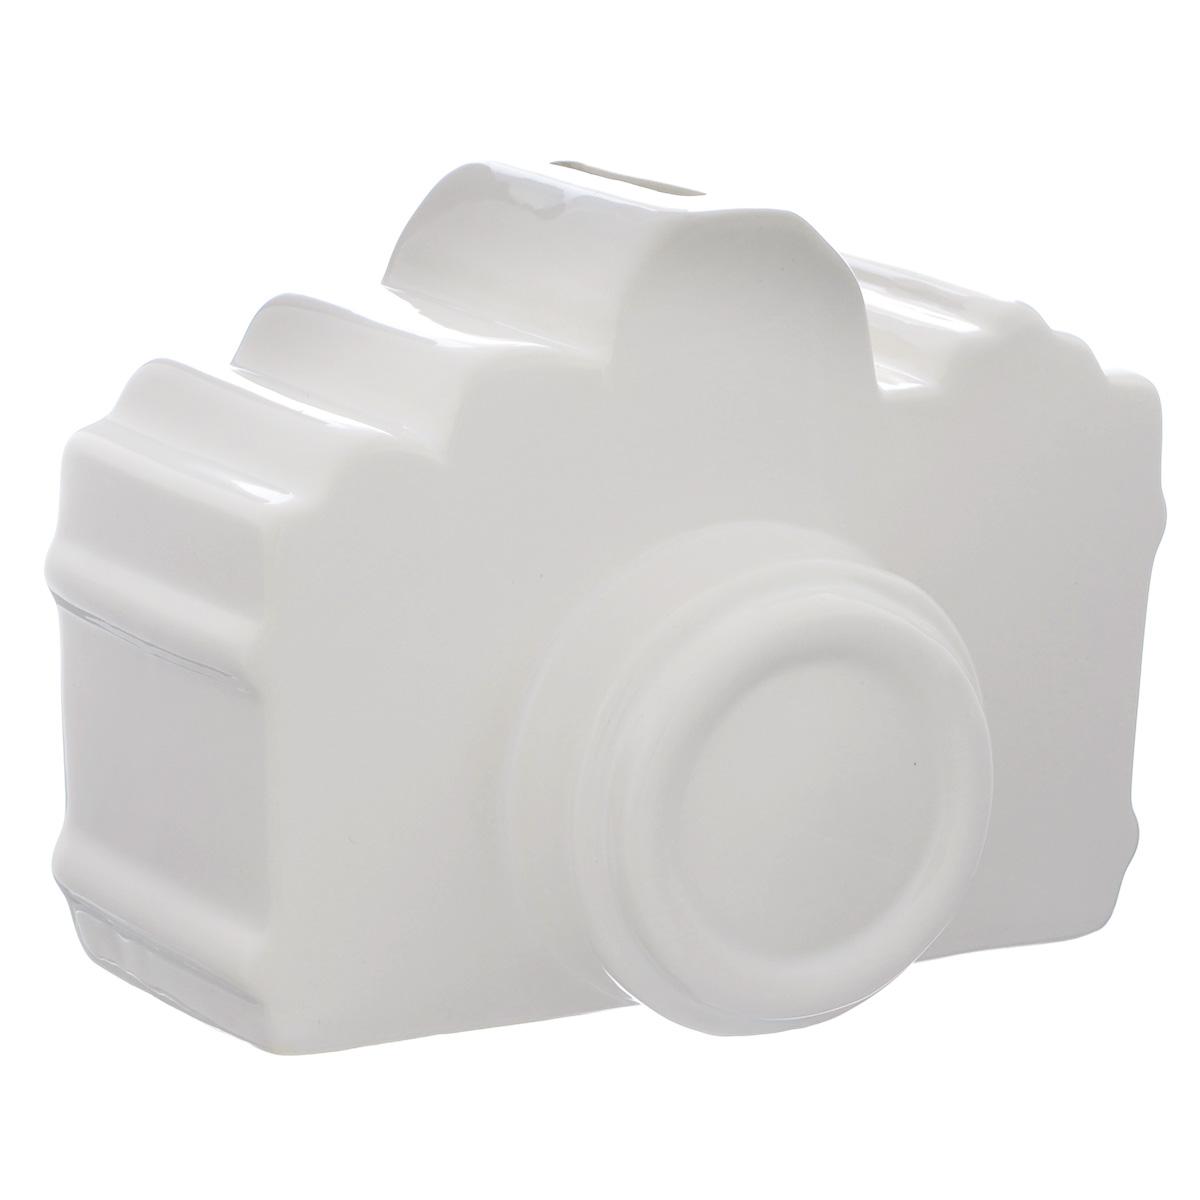 Копилка декоративная Фотоаппарат, цвет: белый30515202Декоративная копилка Фотоаппарат изготовлена из доломитовой керамики. Яркий оригинальный дизайн сделает такую копилку прекрасным подарком. Она послужит не только по своему прямому назначению, но и красиво дополнит интерьер комнаты.